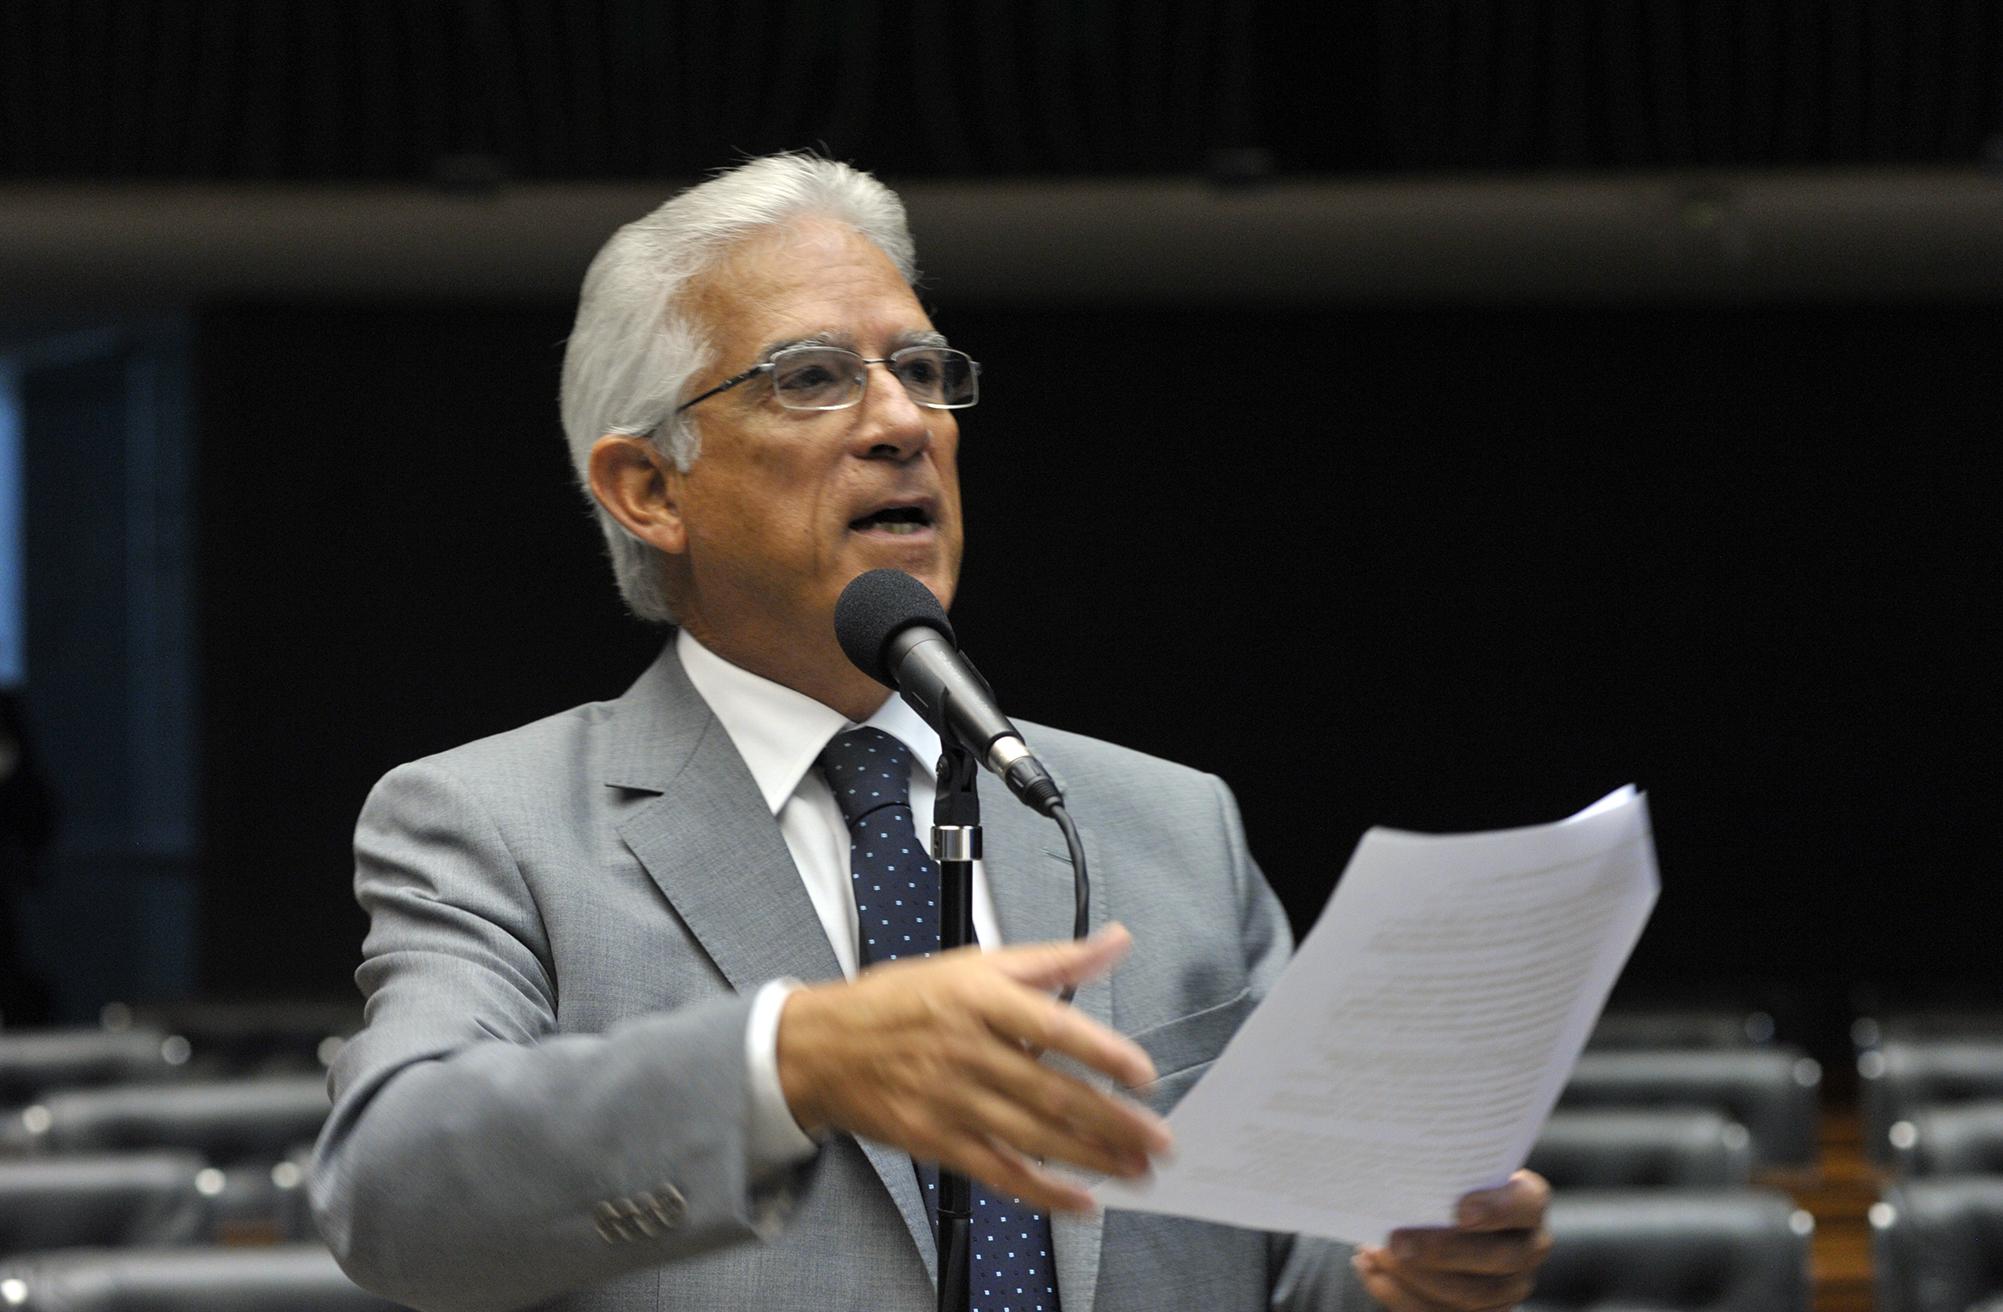 Oposição promete mais vigilância no segundo mandato de Dilma